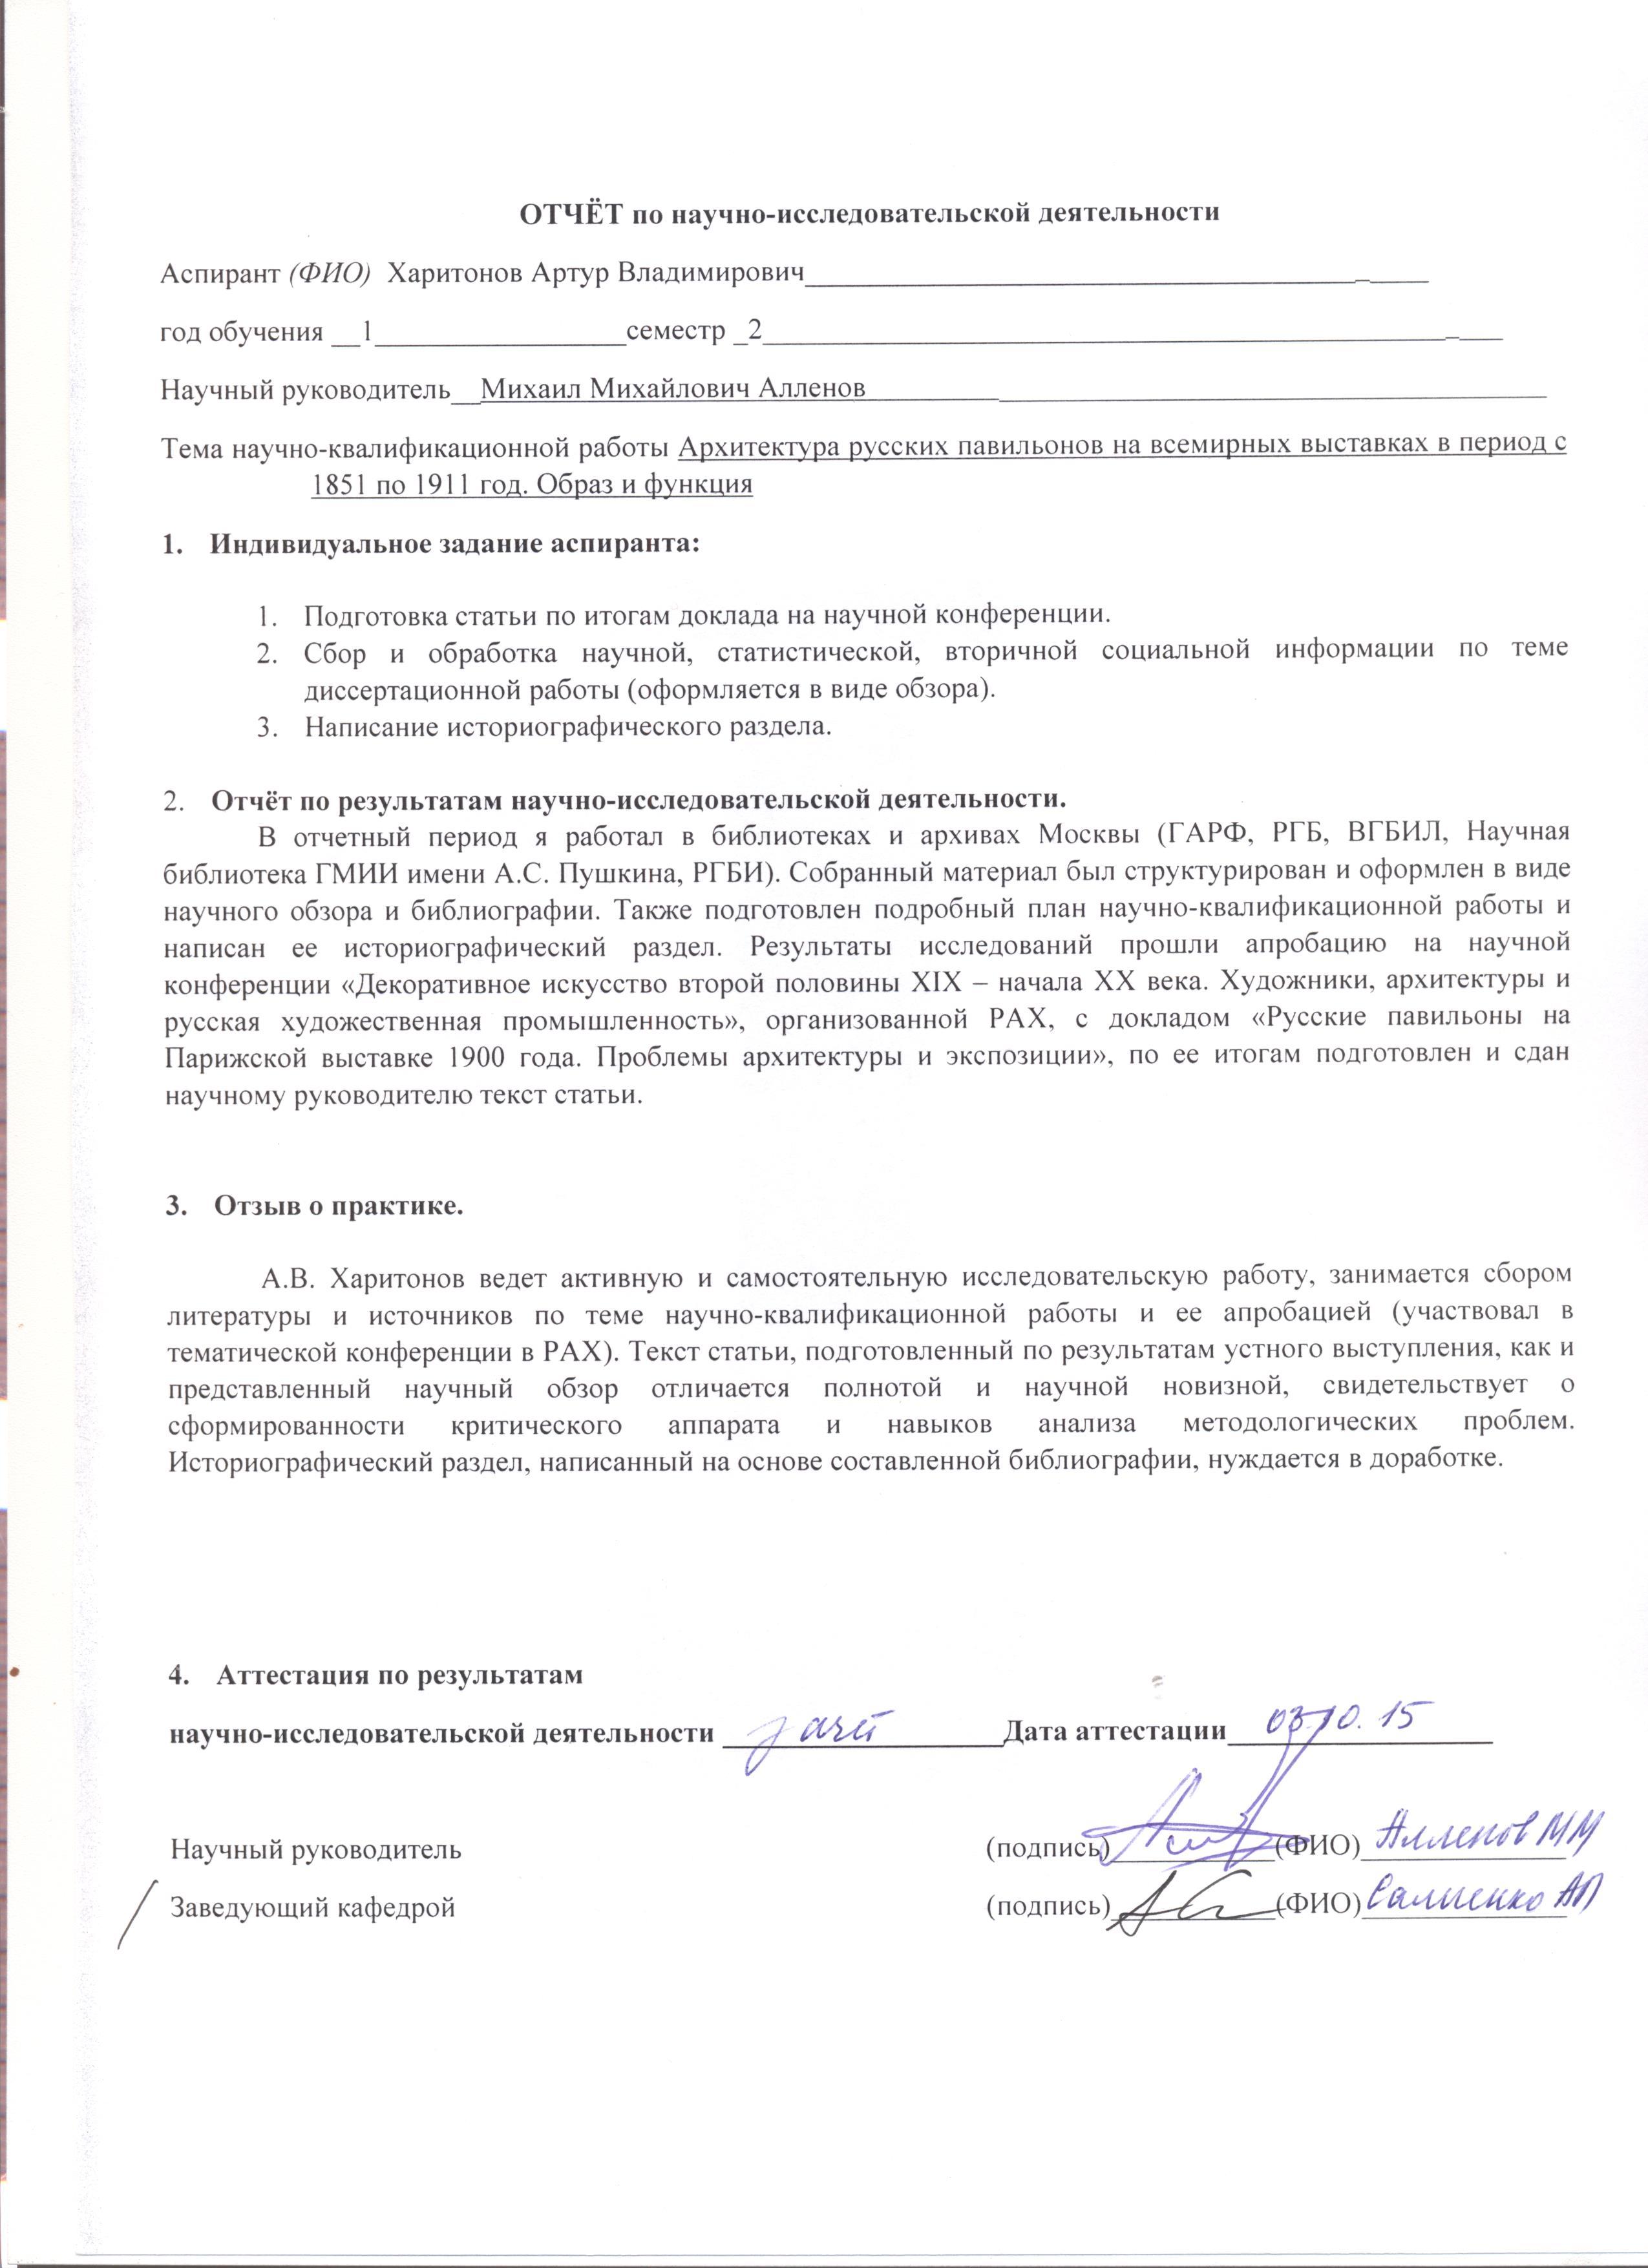 Харитонов Артур Владимирович пользователь сотрудник ИСТИНА  Отчет по педагогической практике 2 2 · Отчет по педагогической практике 2 2